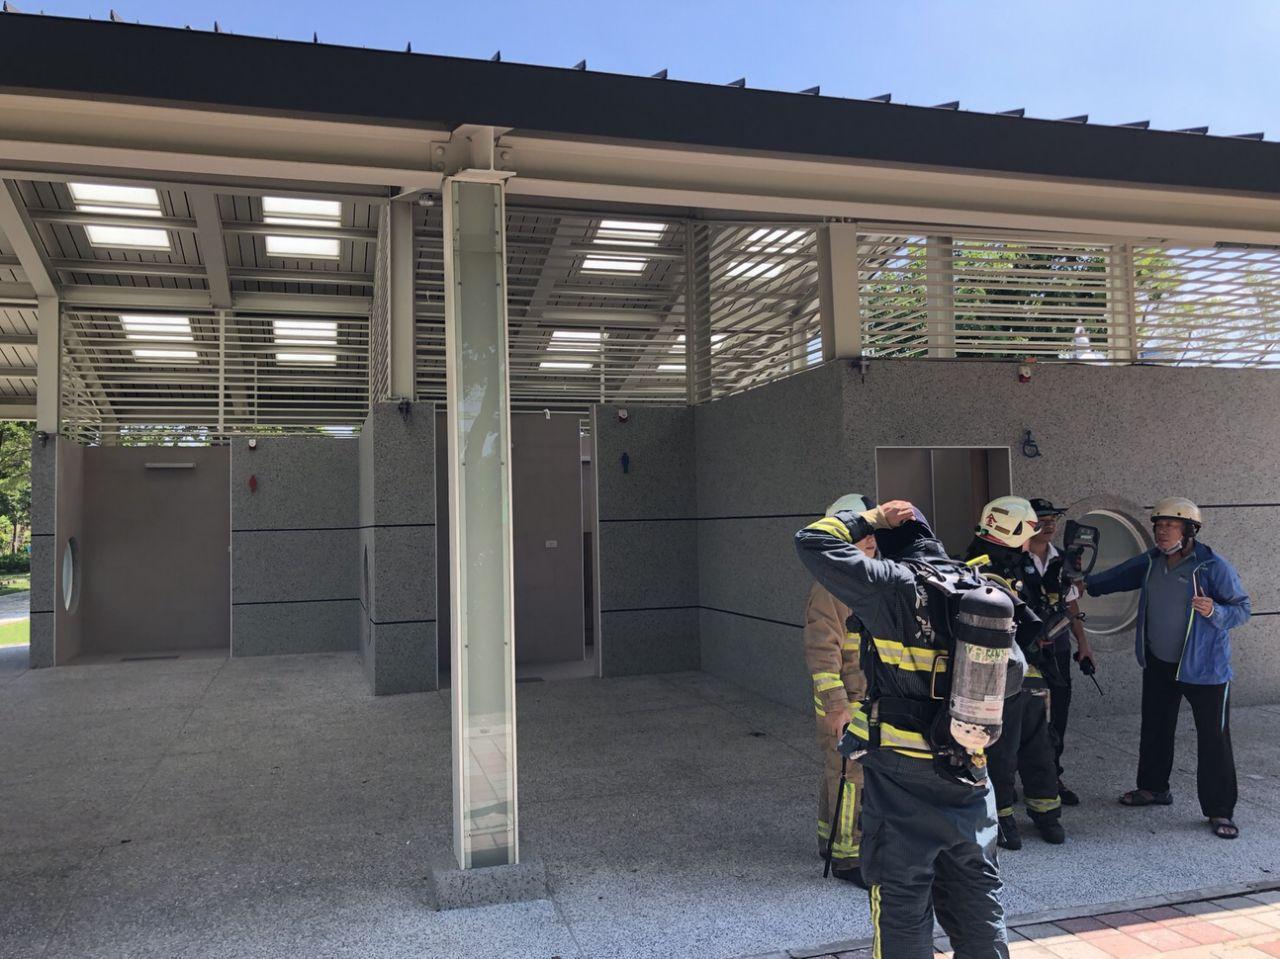 高雄228和平公園男廁馬桶遭炸毀 鎖定兩嫌